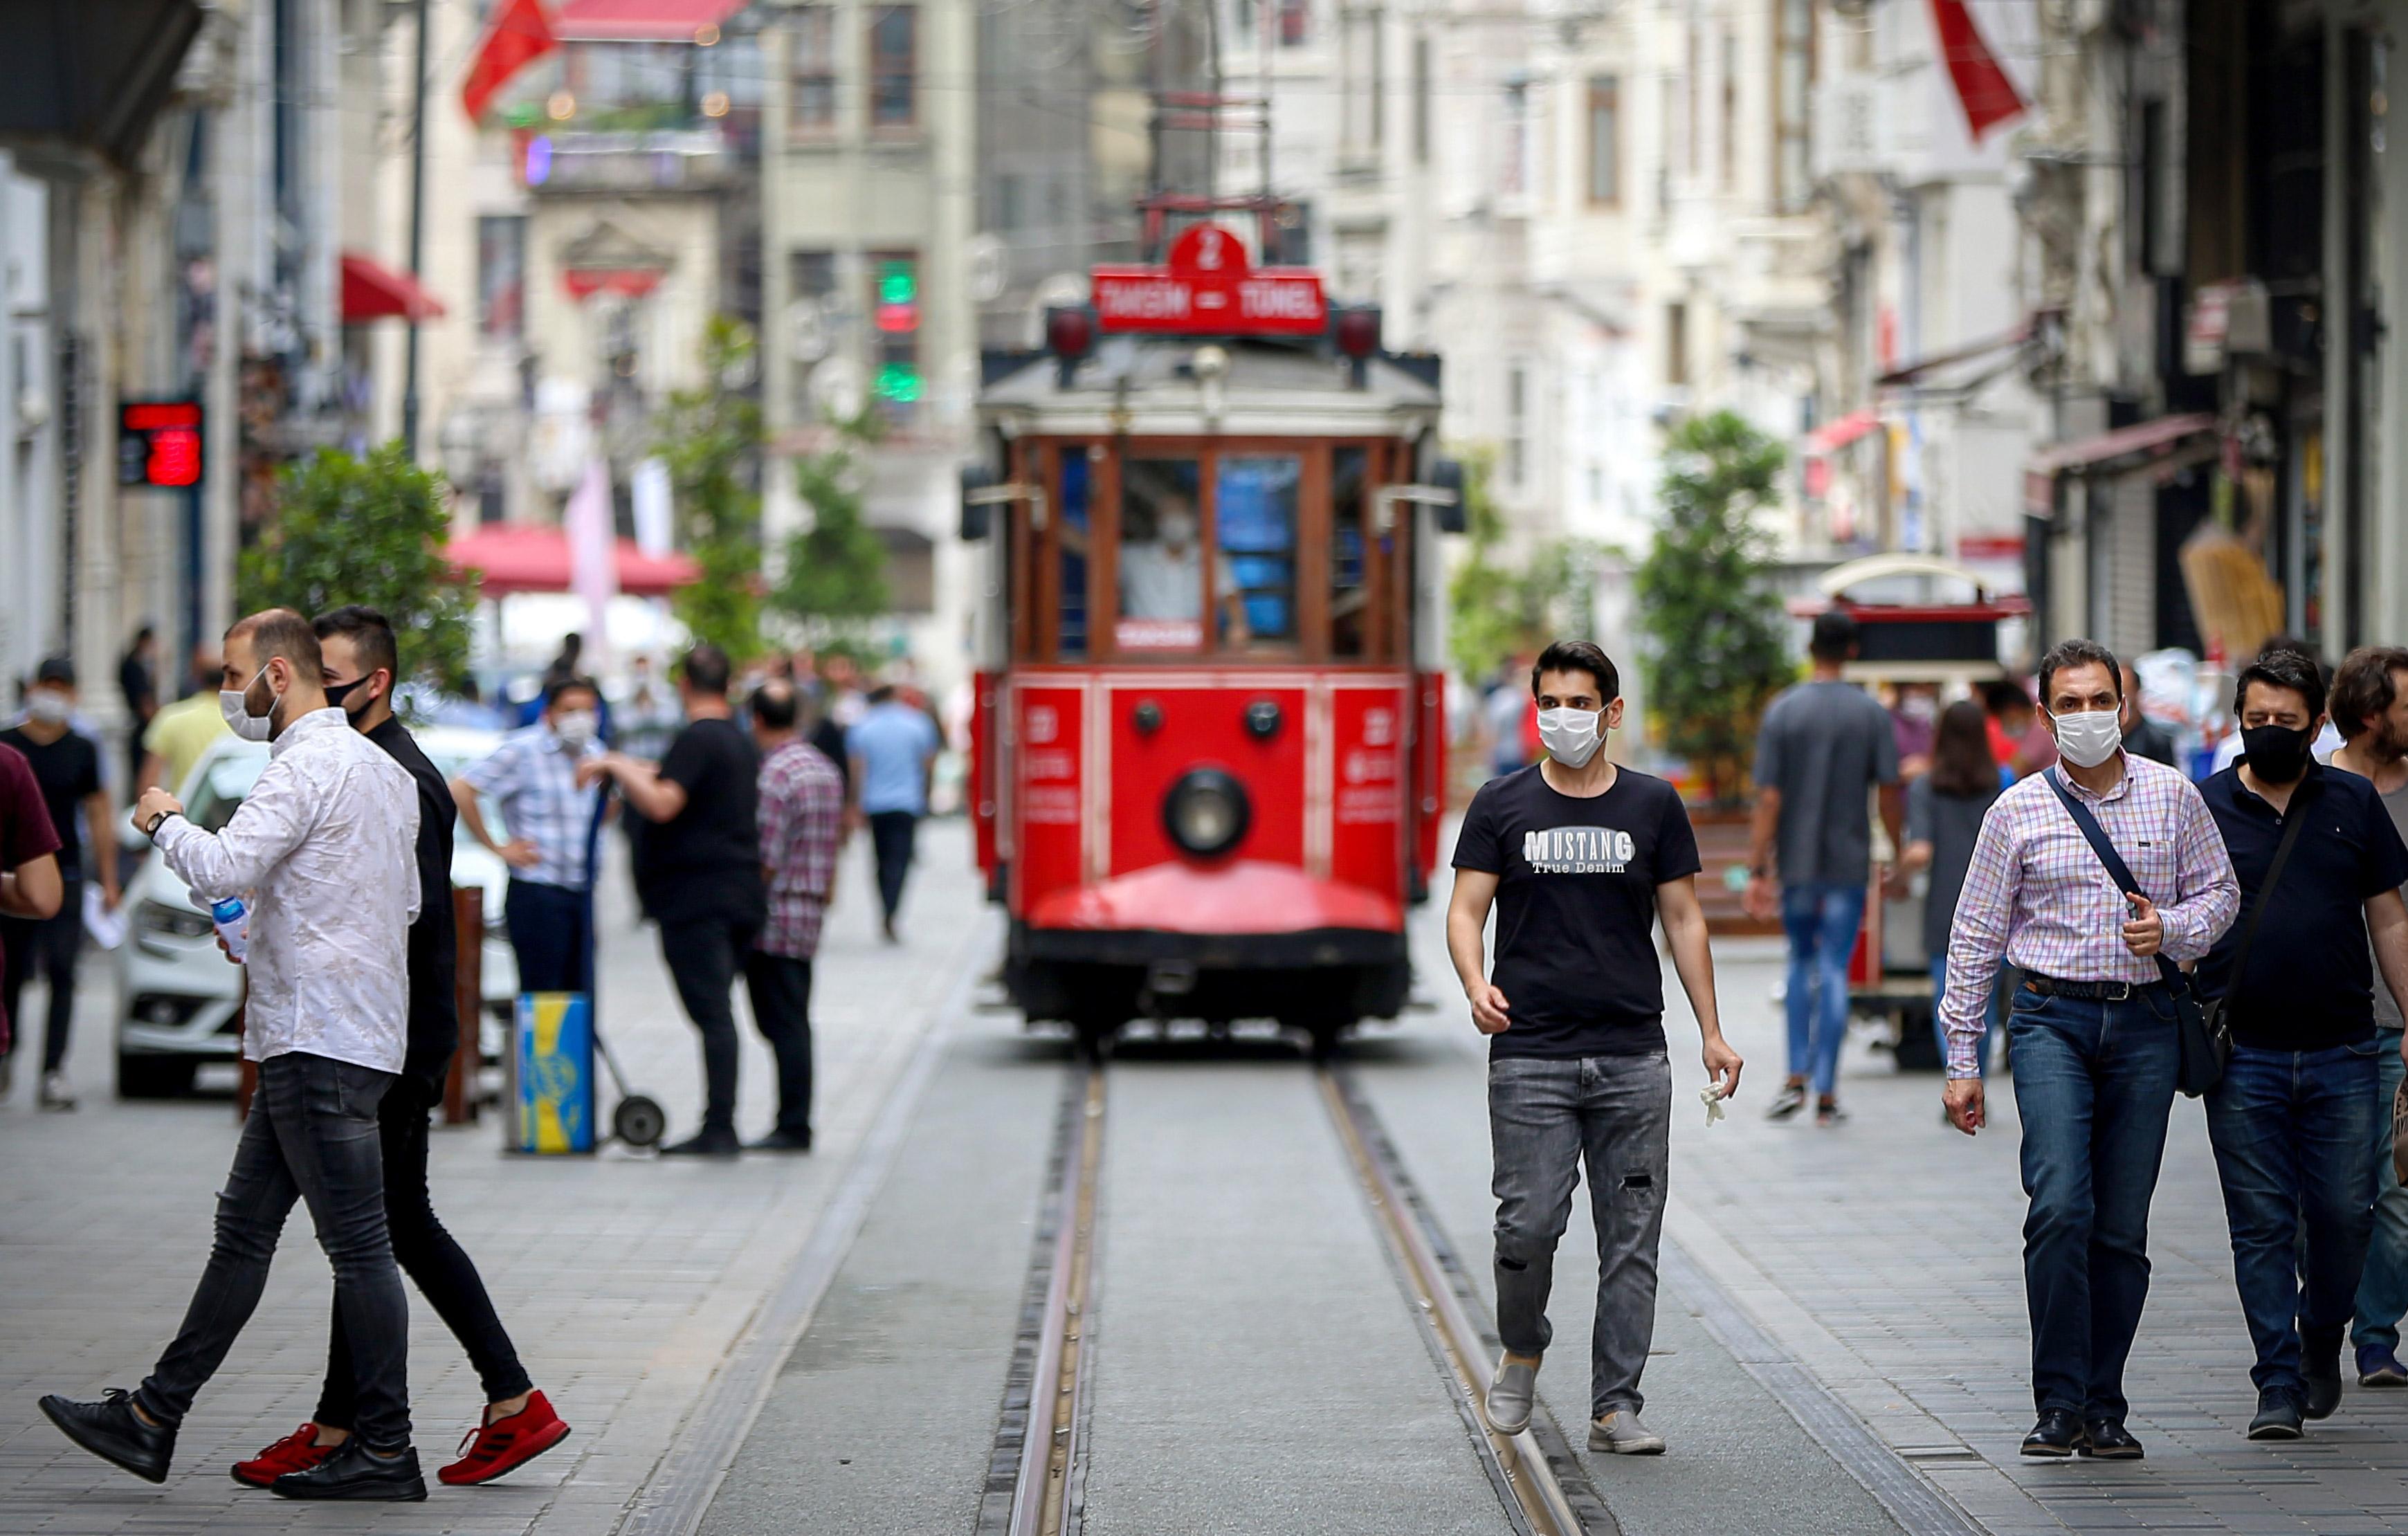 Reuters'a konuşan Türk yetkili açıkladı! Cumhurbaşkanı Erdoğan talimat verdi: Kısıtlamalar bu hafta...